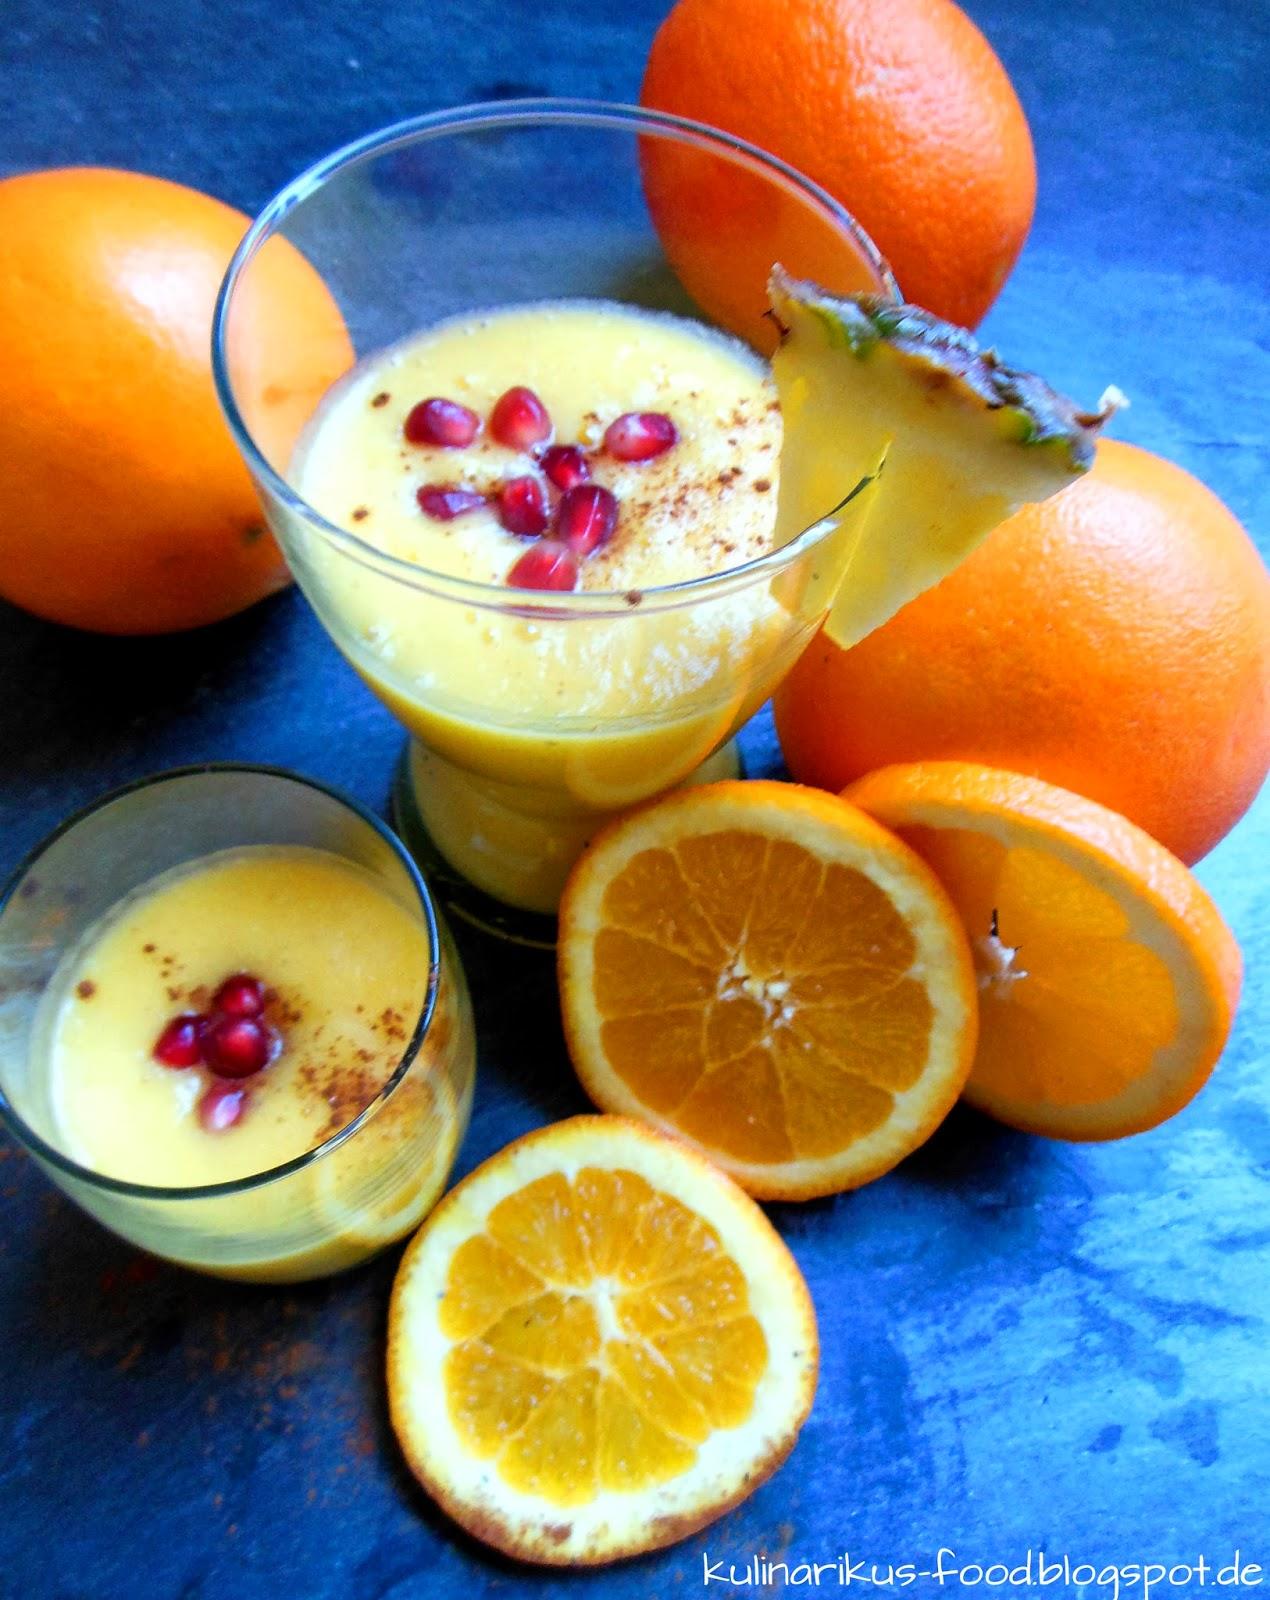 kulinarikus orangen ananas smoothie mit ingwer und granatapfel. Black Bedroom Furniture Sets. Home Design Ideas